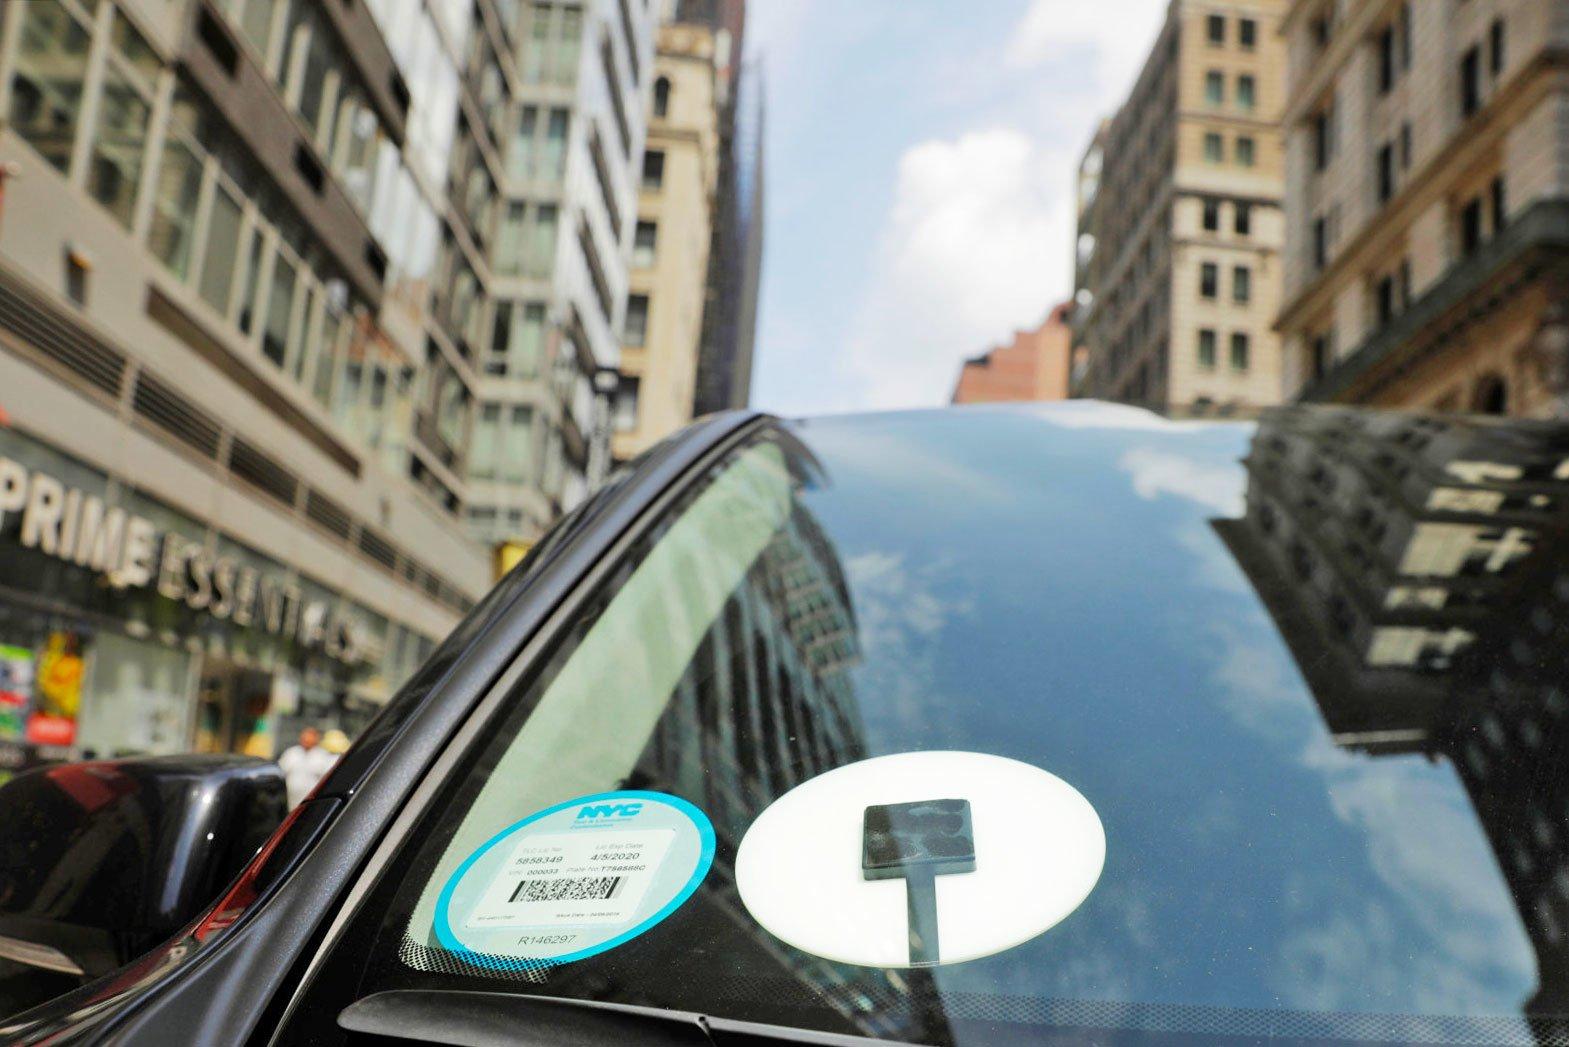 Uber-Linux işbirliği pek çok yeniliğe gebe!